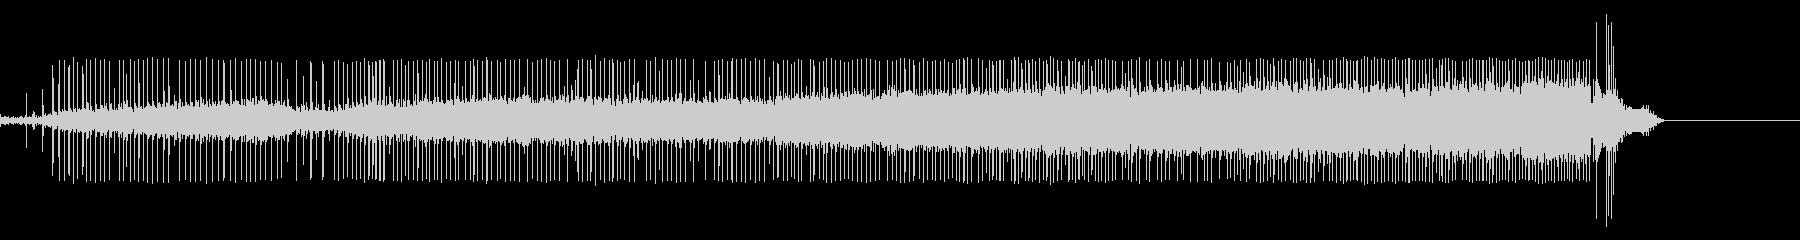 エンジン-スモール-バーグ-スター...の未再生の波形